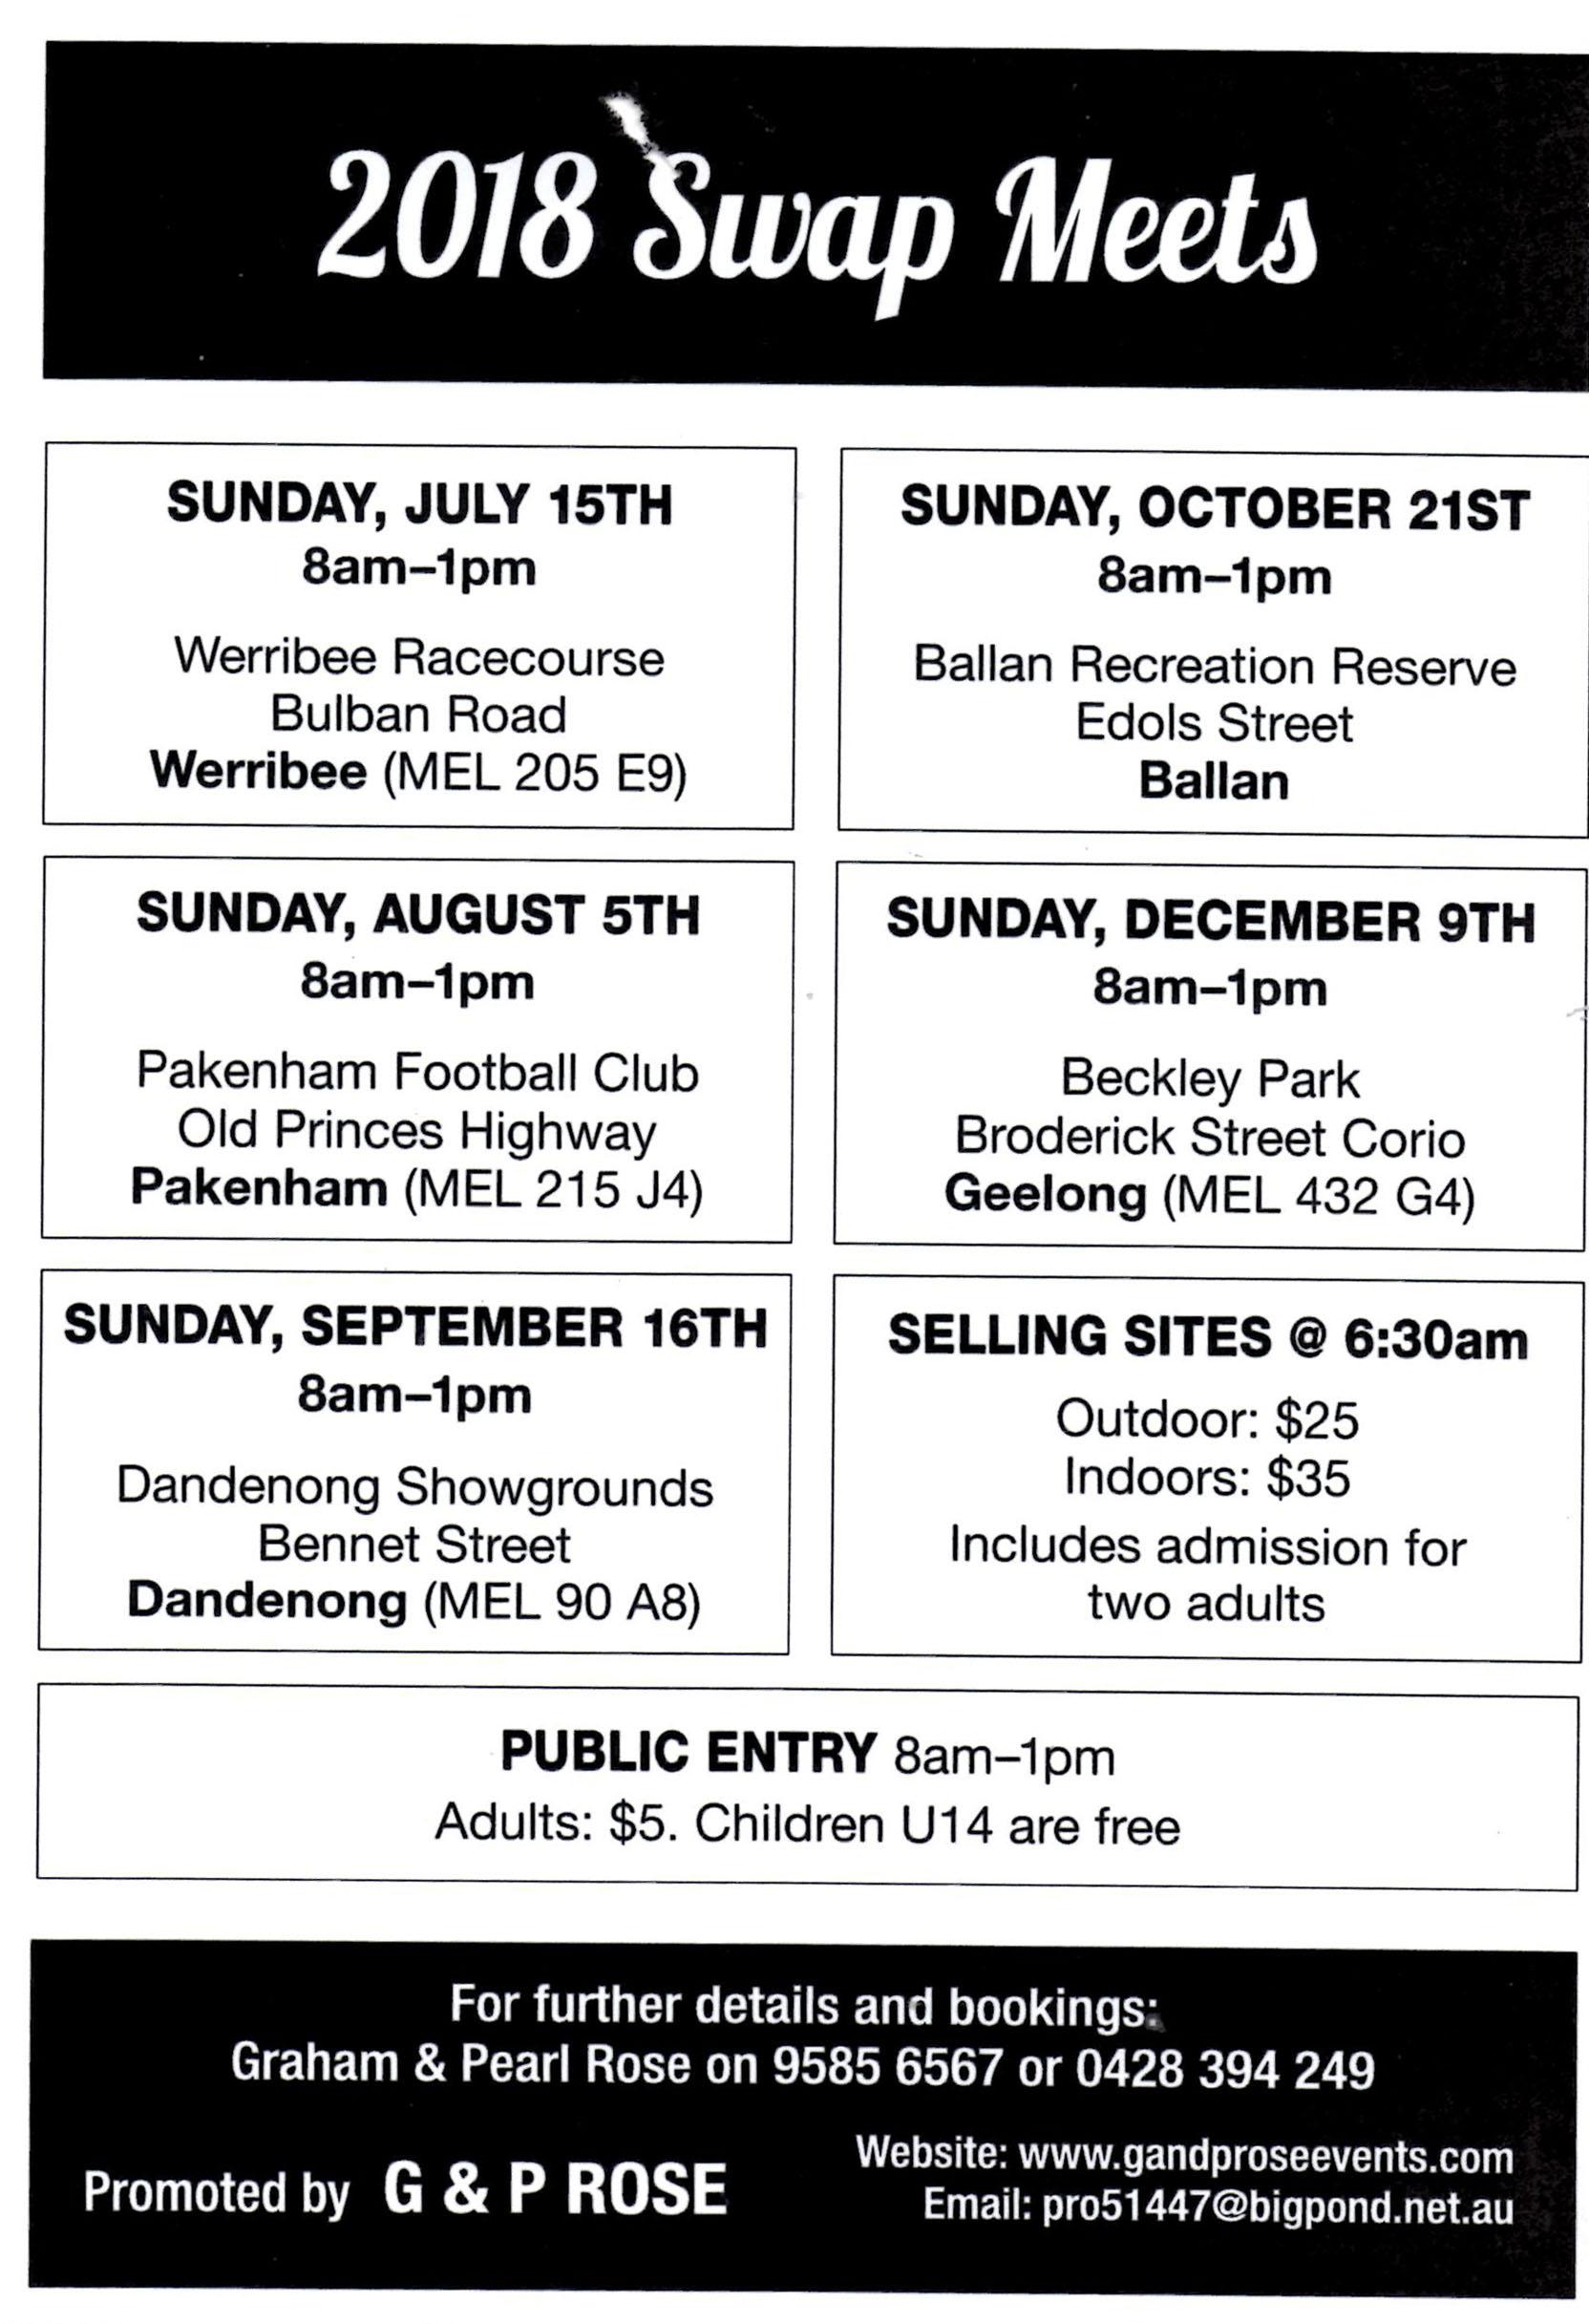 Ballan Swapmeet 2018 @ Ballan Recreation Reserve | Ballan | Victoria | Australia